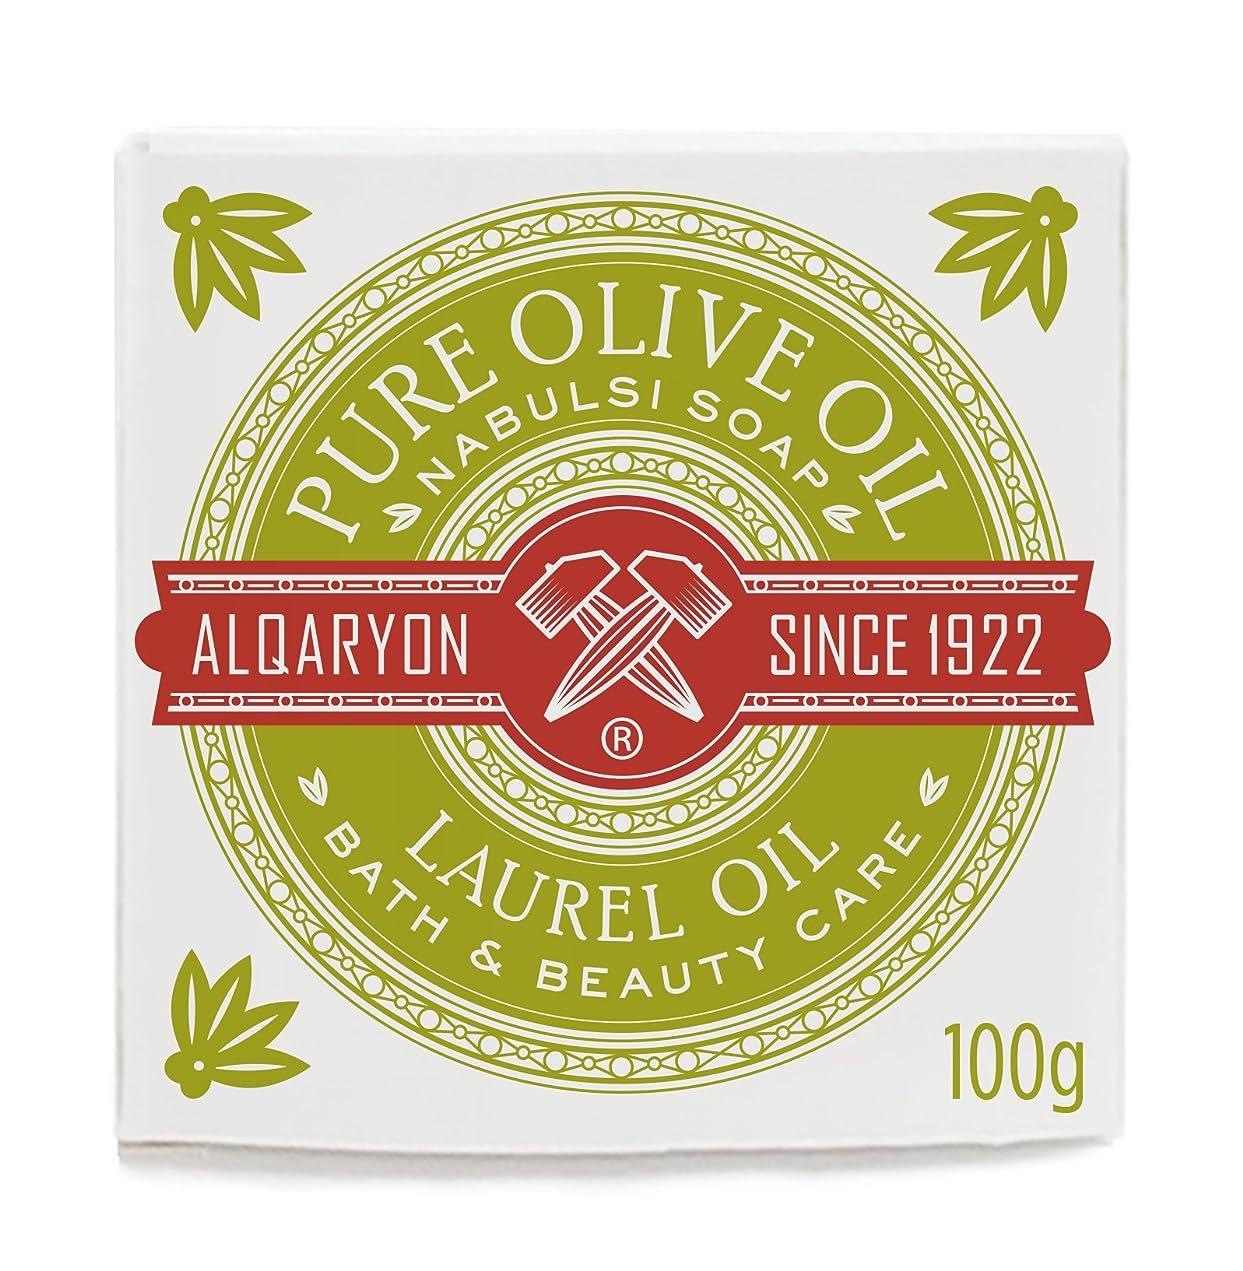 規制彼女は活性化Alqaryon Laurel Oil & Olive Oil Bar Soap Pack of 4 - AlqaryonのローレルオイルI&オリーブオイル ソープ、バス & ビューティー ケア、100gの石鹸4個のパック